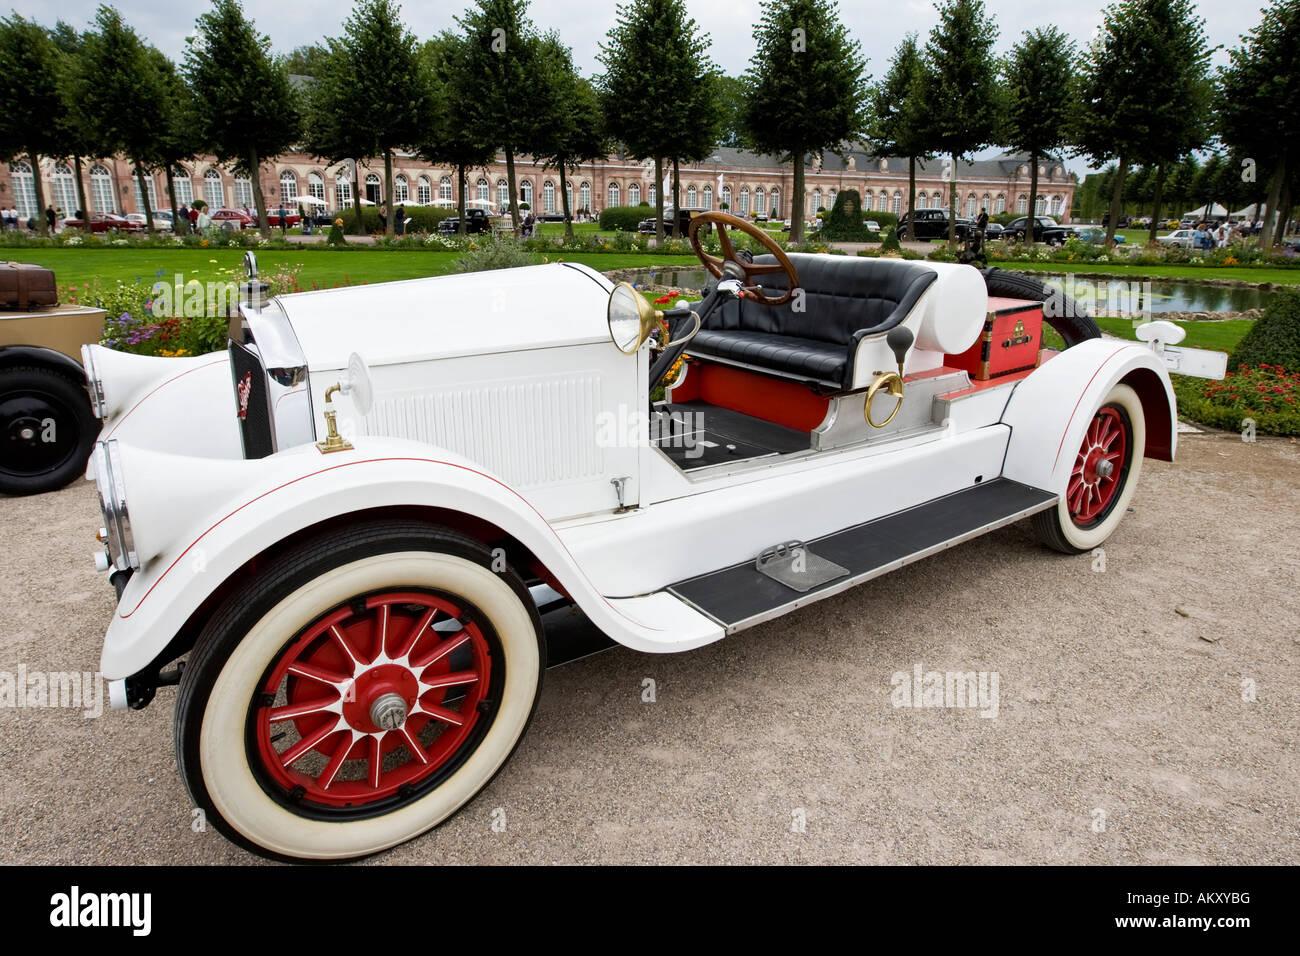 Pierce Race Cars: Pierce Arrow Car Stock Photos & Pierce Arrow Car Stock